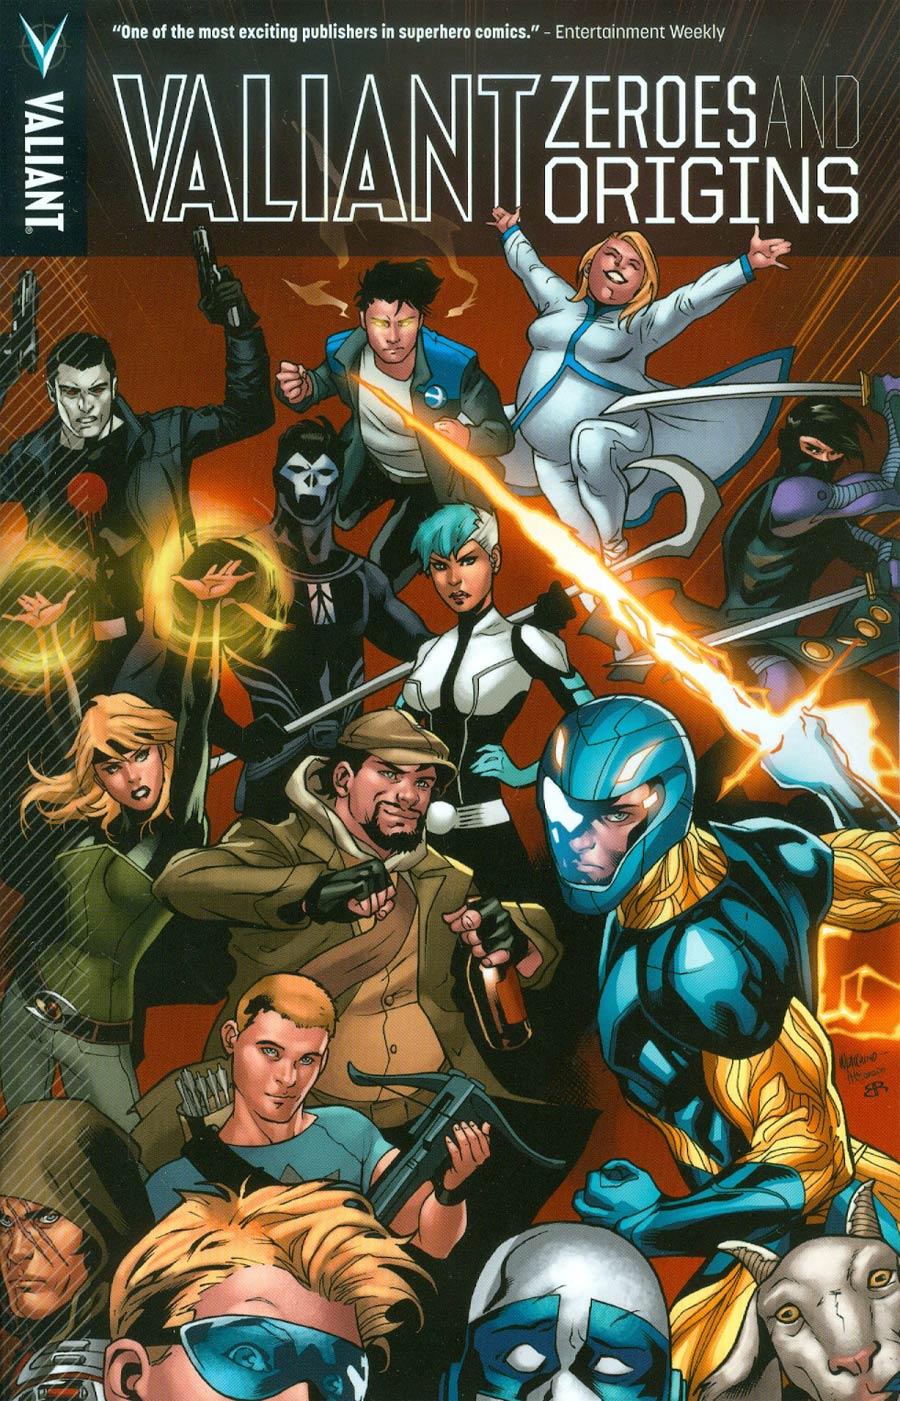 Valiant Zeroes & Origins Vol 1 TP